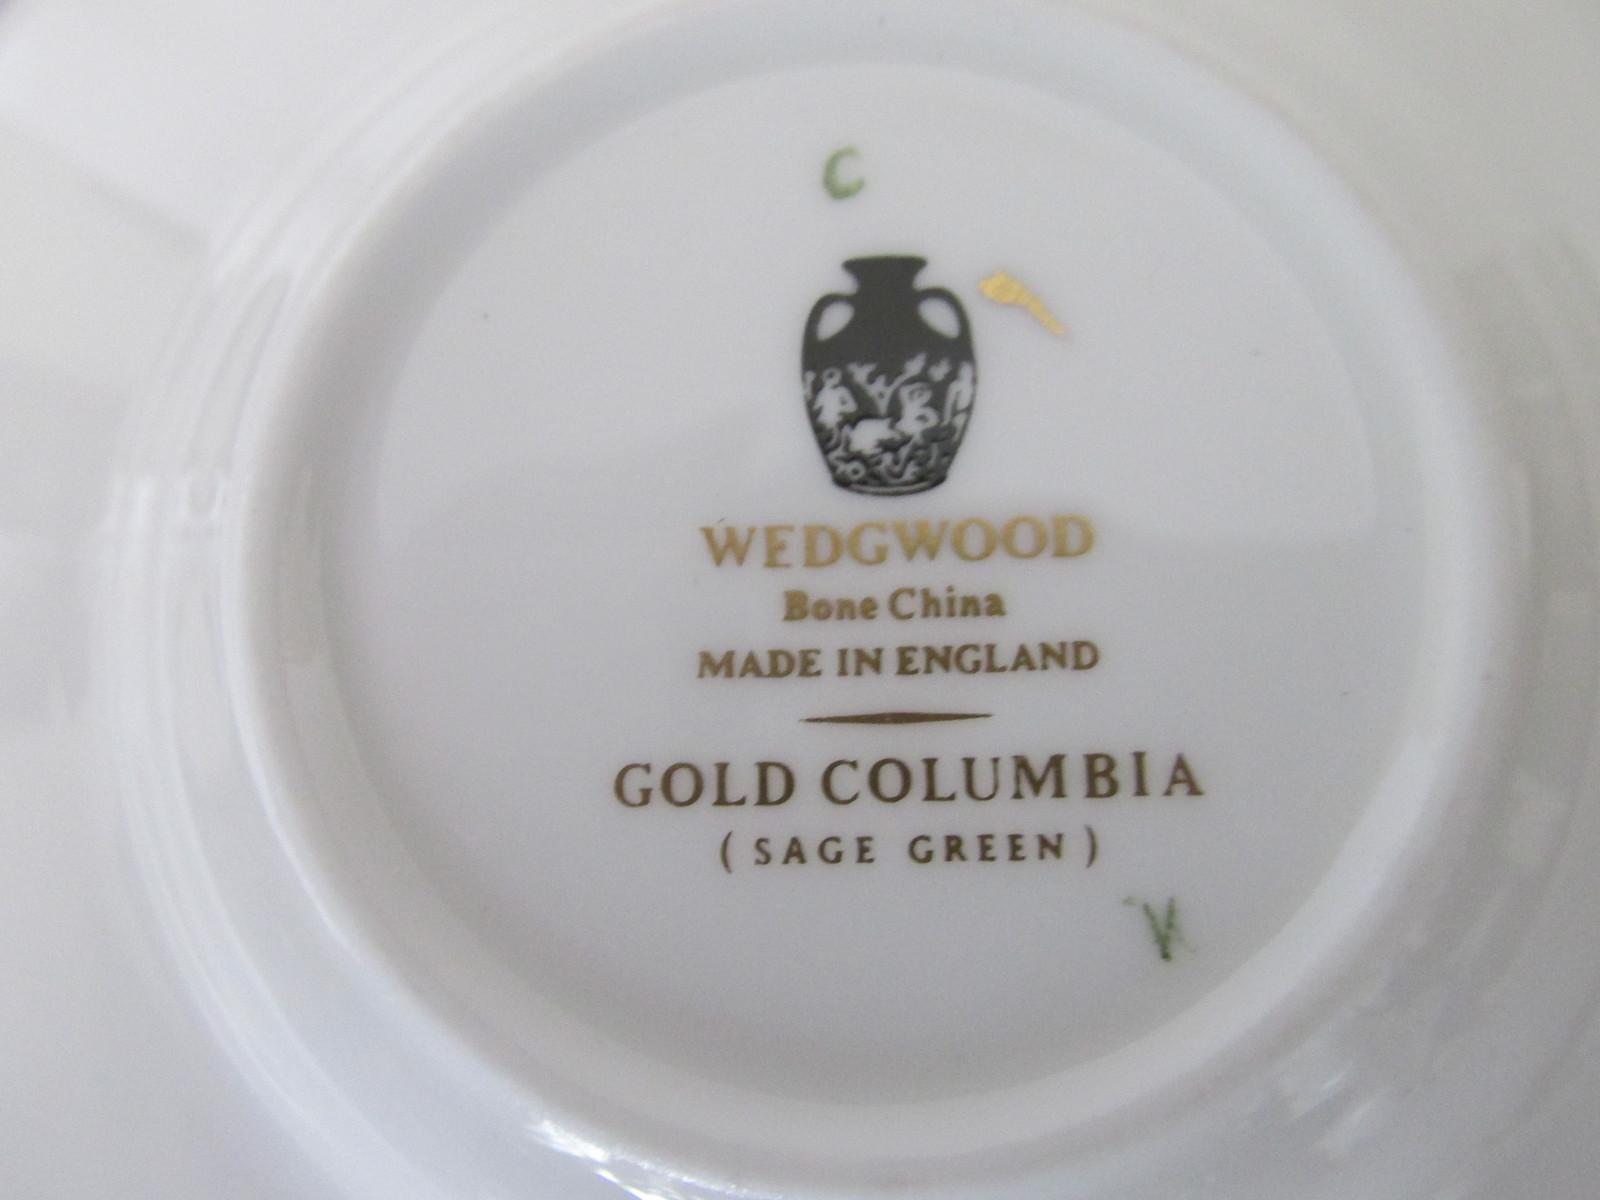 Wedgwoodgoldcol.6